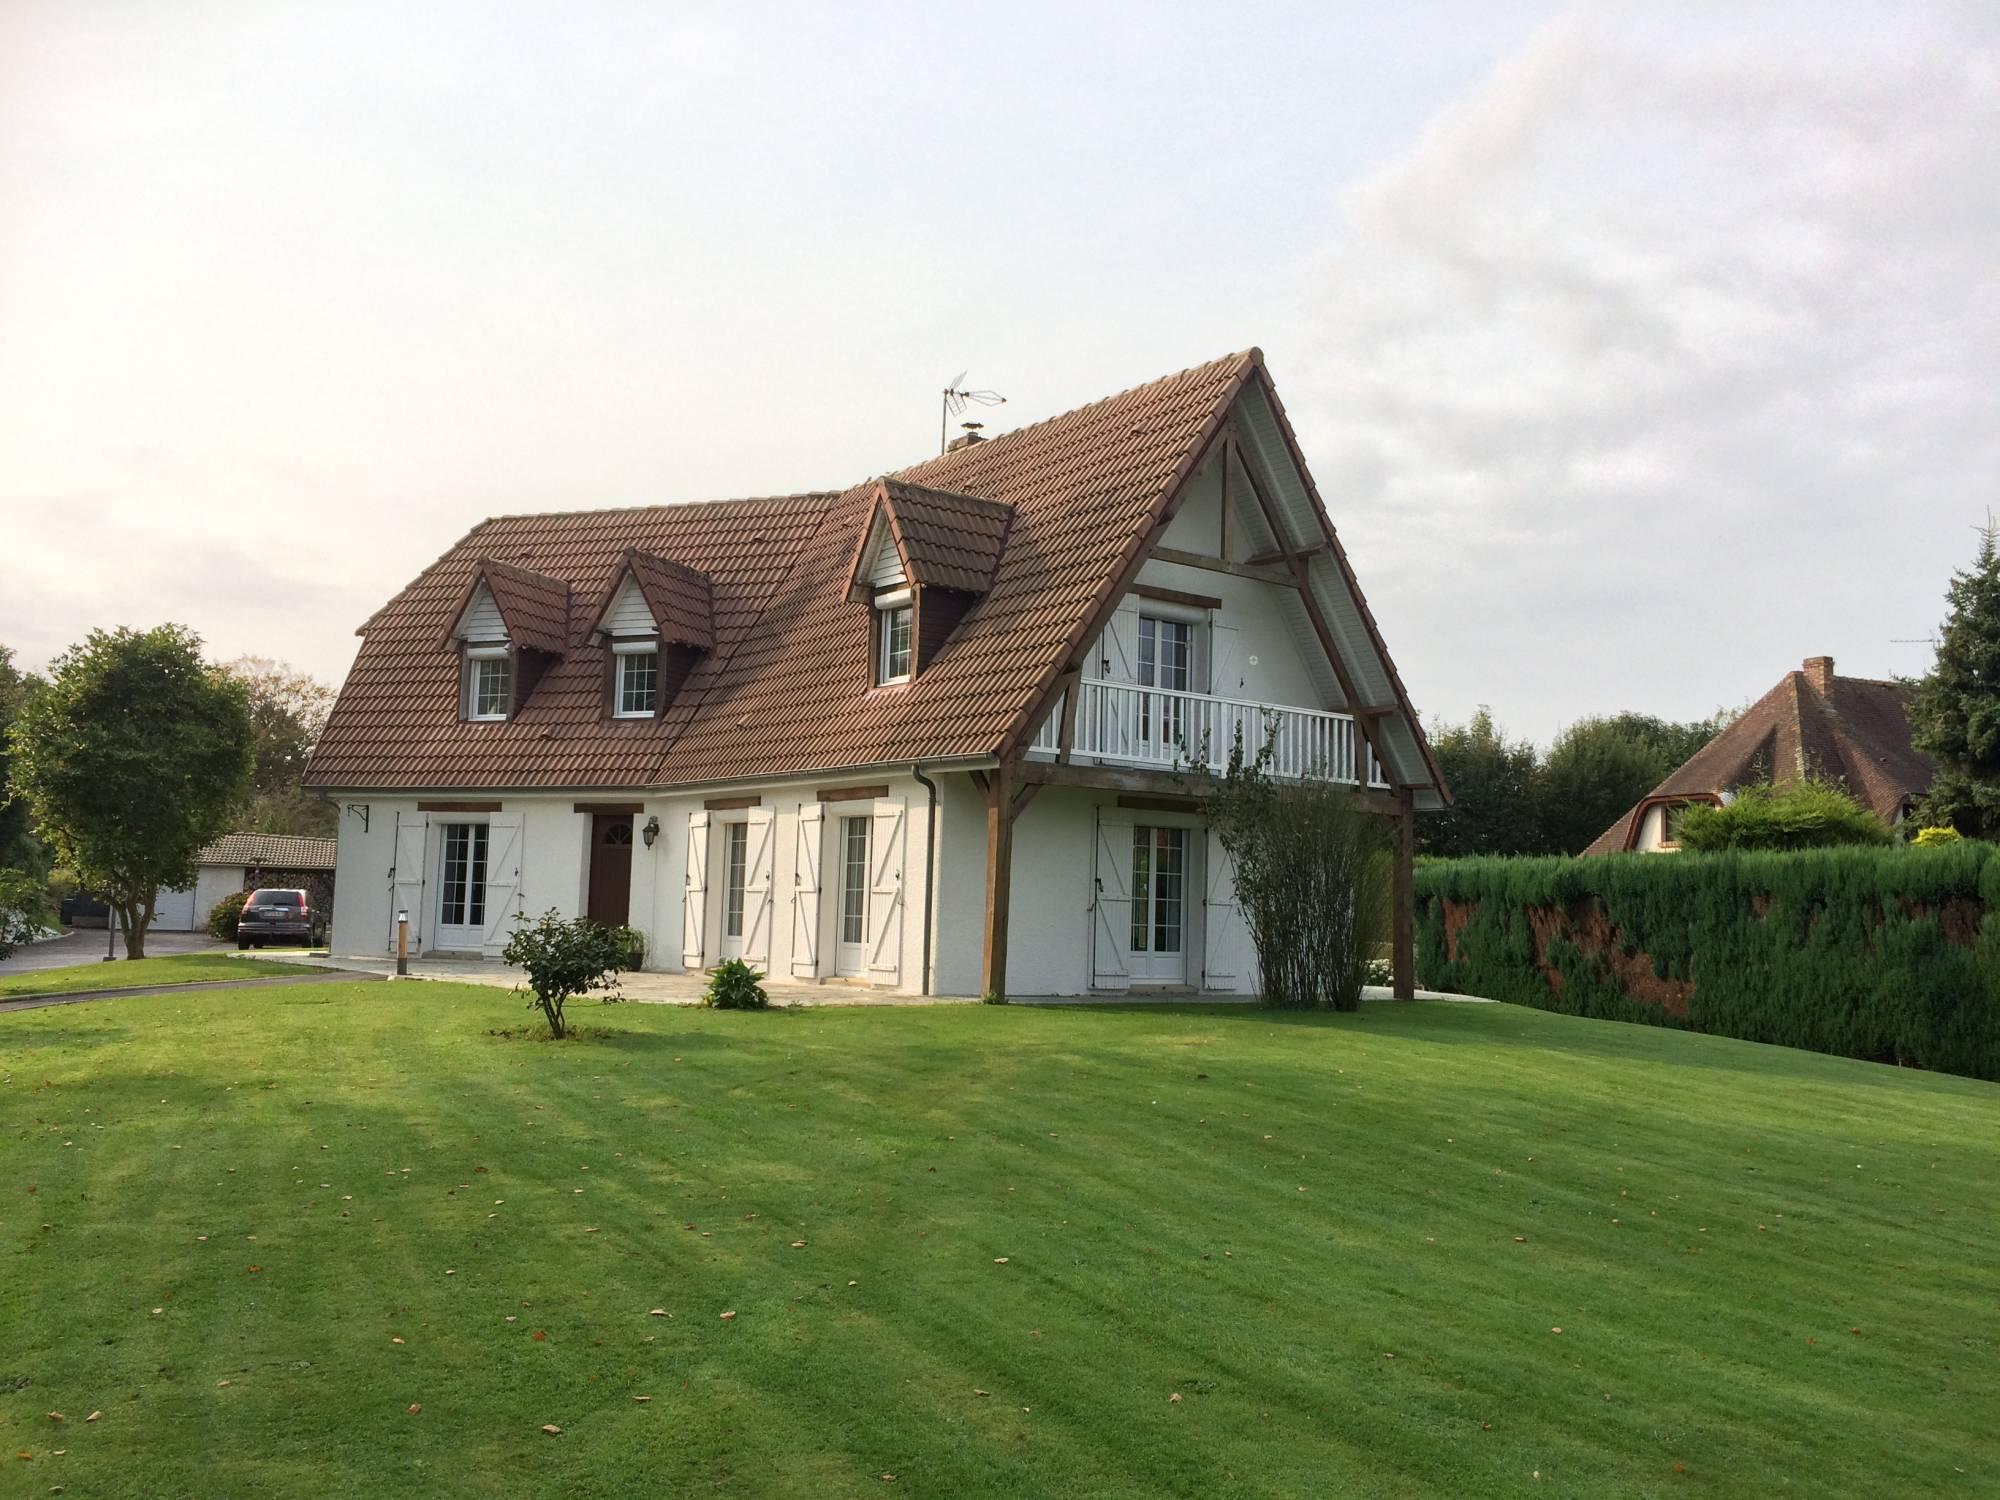 Maison moderne F4 avec terrasse à vendre Rouen - Terres et Demeures ...